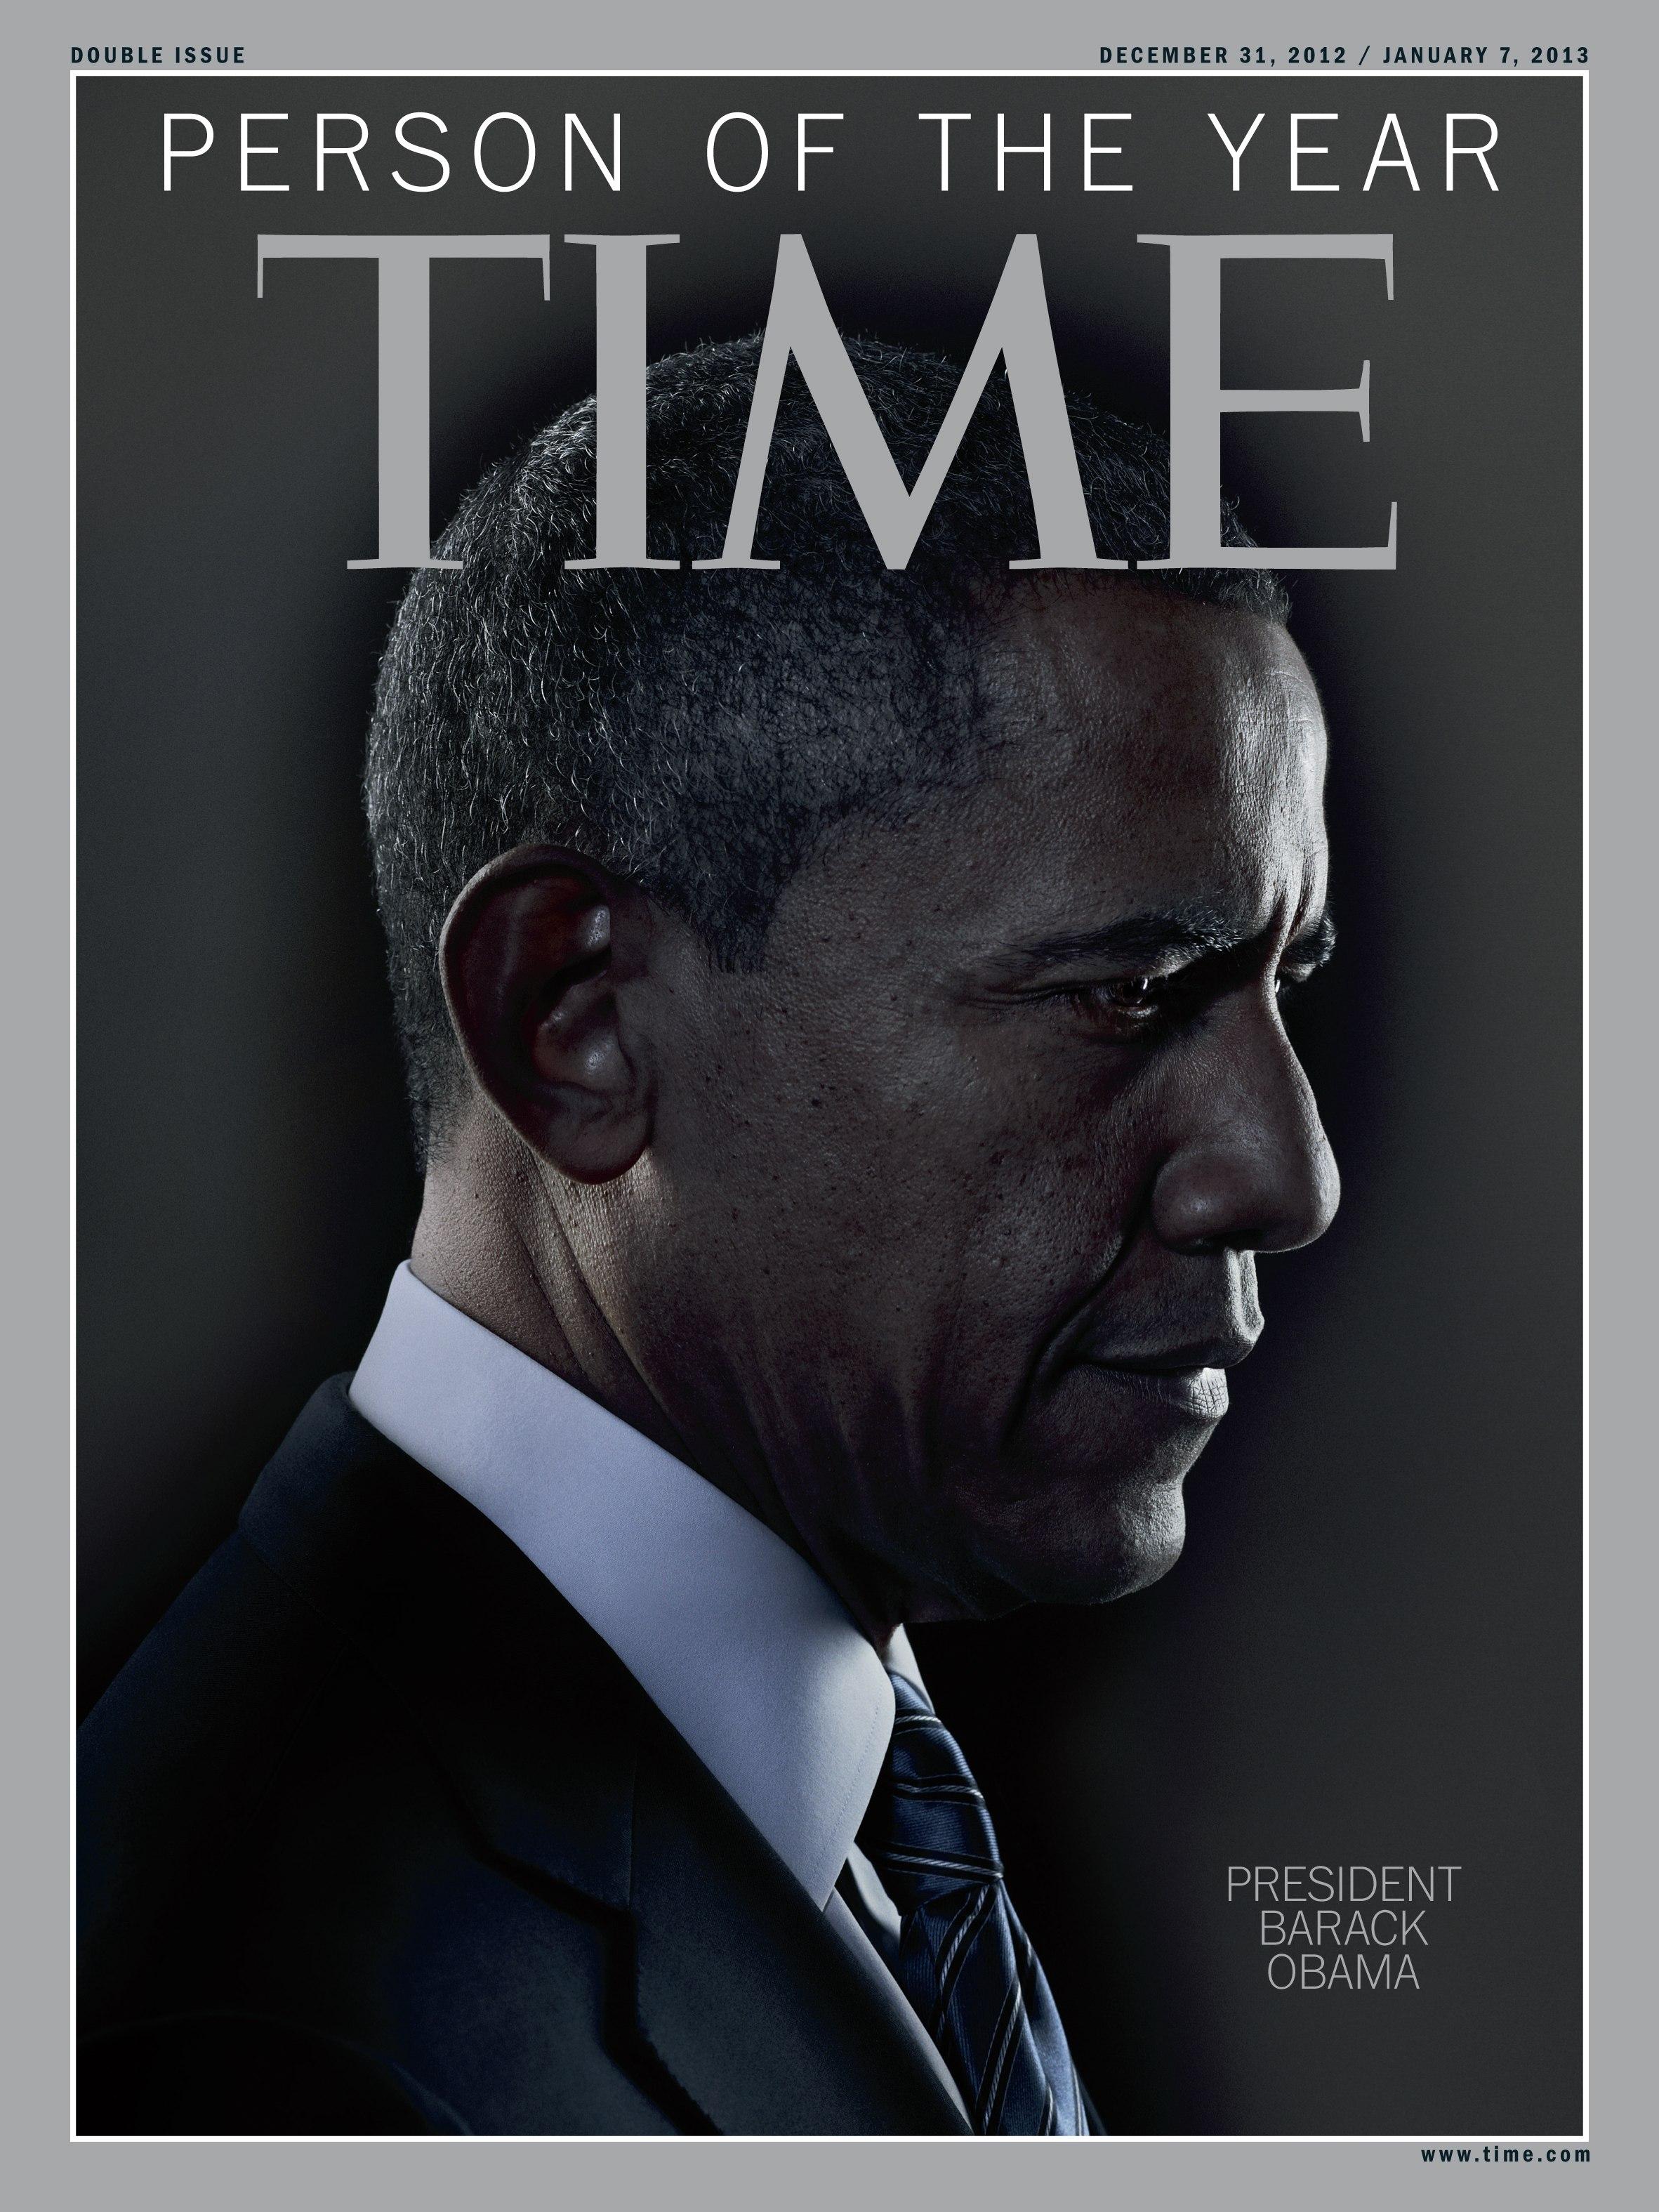 時代雜誌將歐巴馬總統評選為該刊2012年度風雲人物,圖為12月31日出刊的時代雜誌封面。圖為2016年路透檔案照